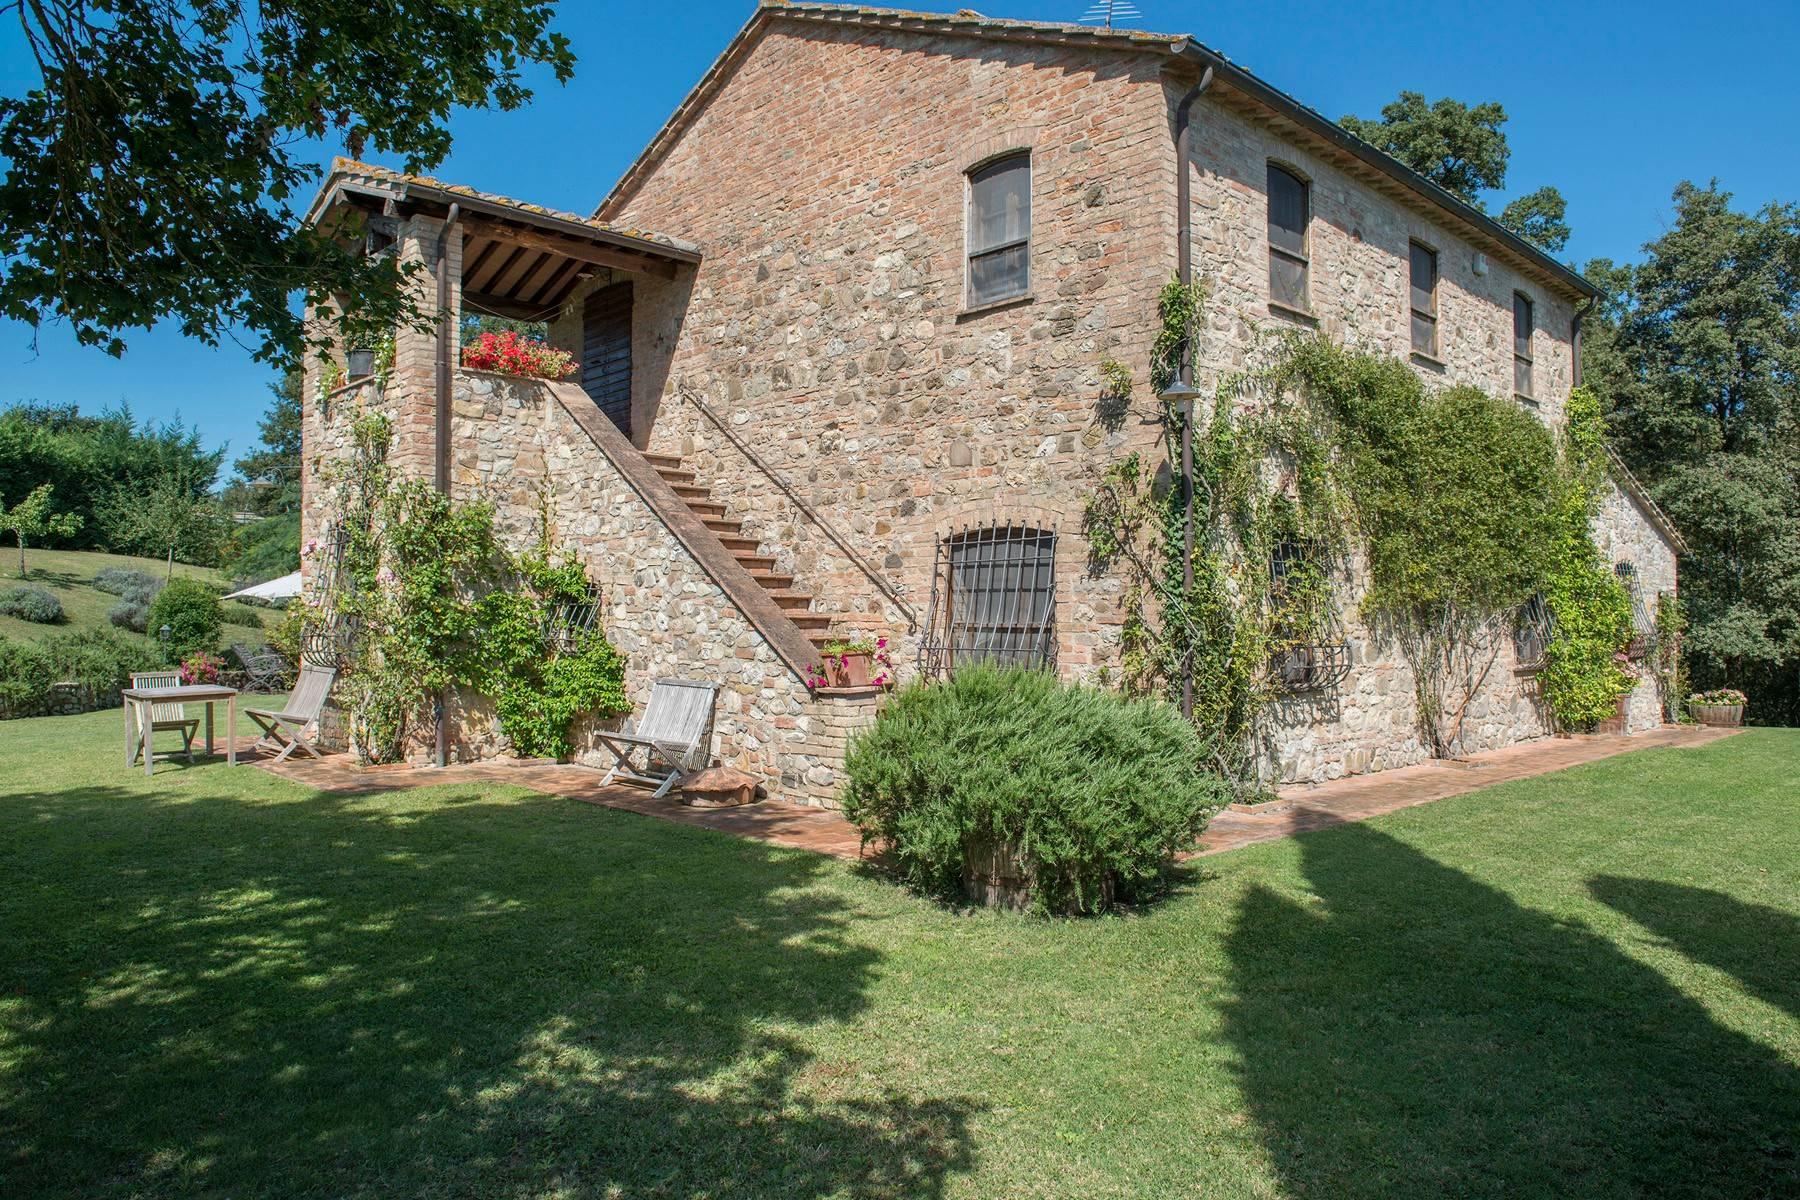 Villa in Vendita a Citta' Della Pieve: 5 locali, 350 mq - Foto 8